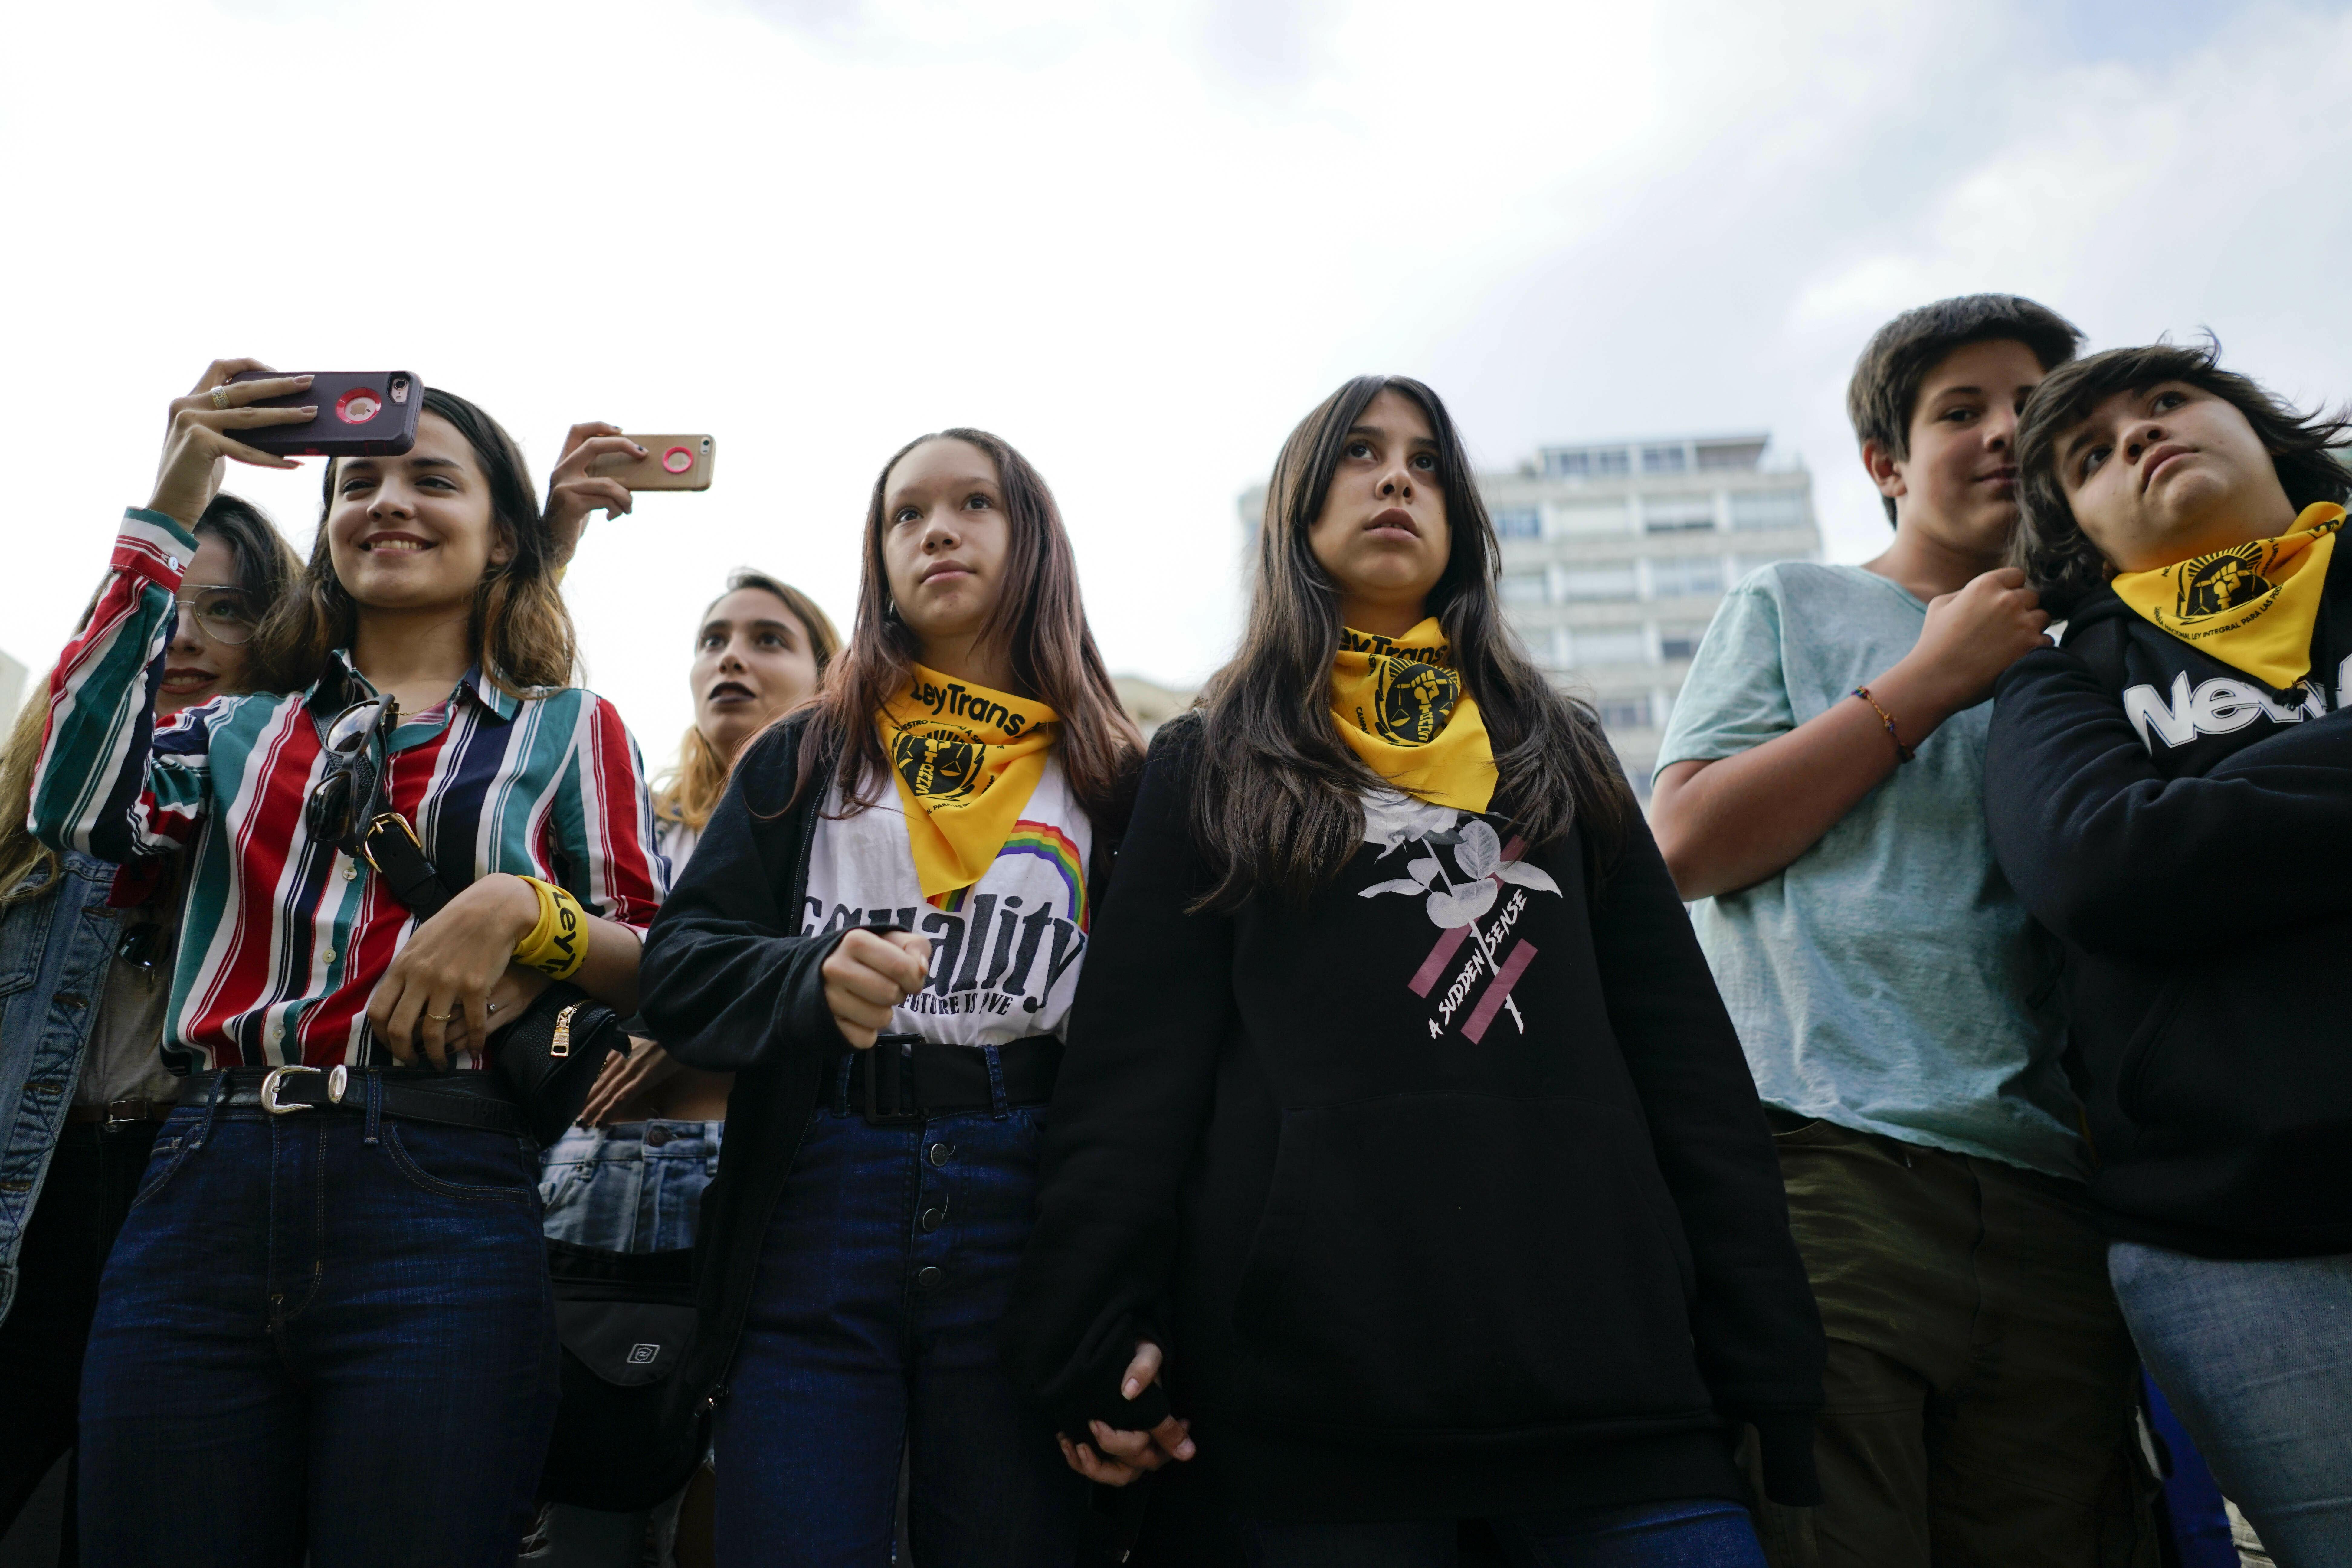 Un grupo de adolescentes en la marcha en Montevideo. (AP Photo/Matilde Campodonico)